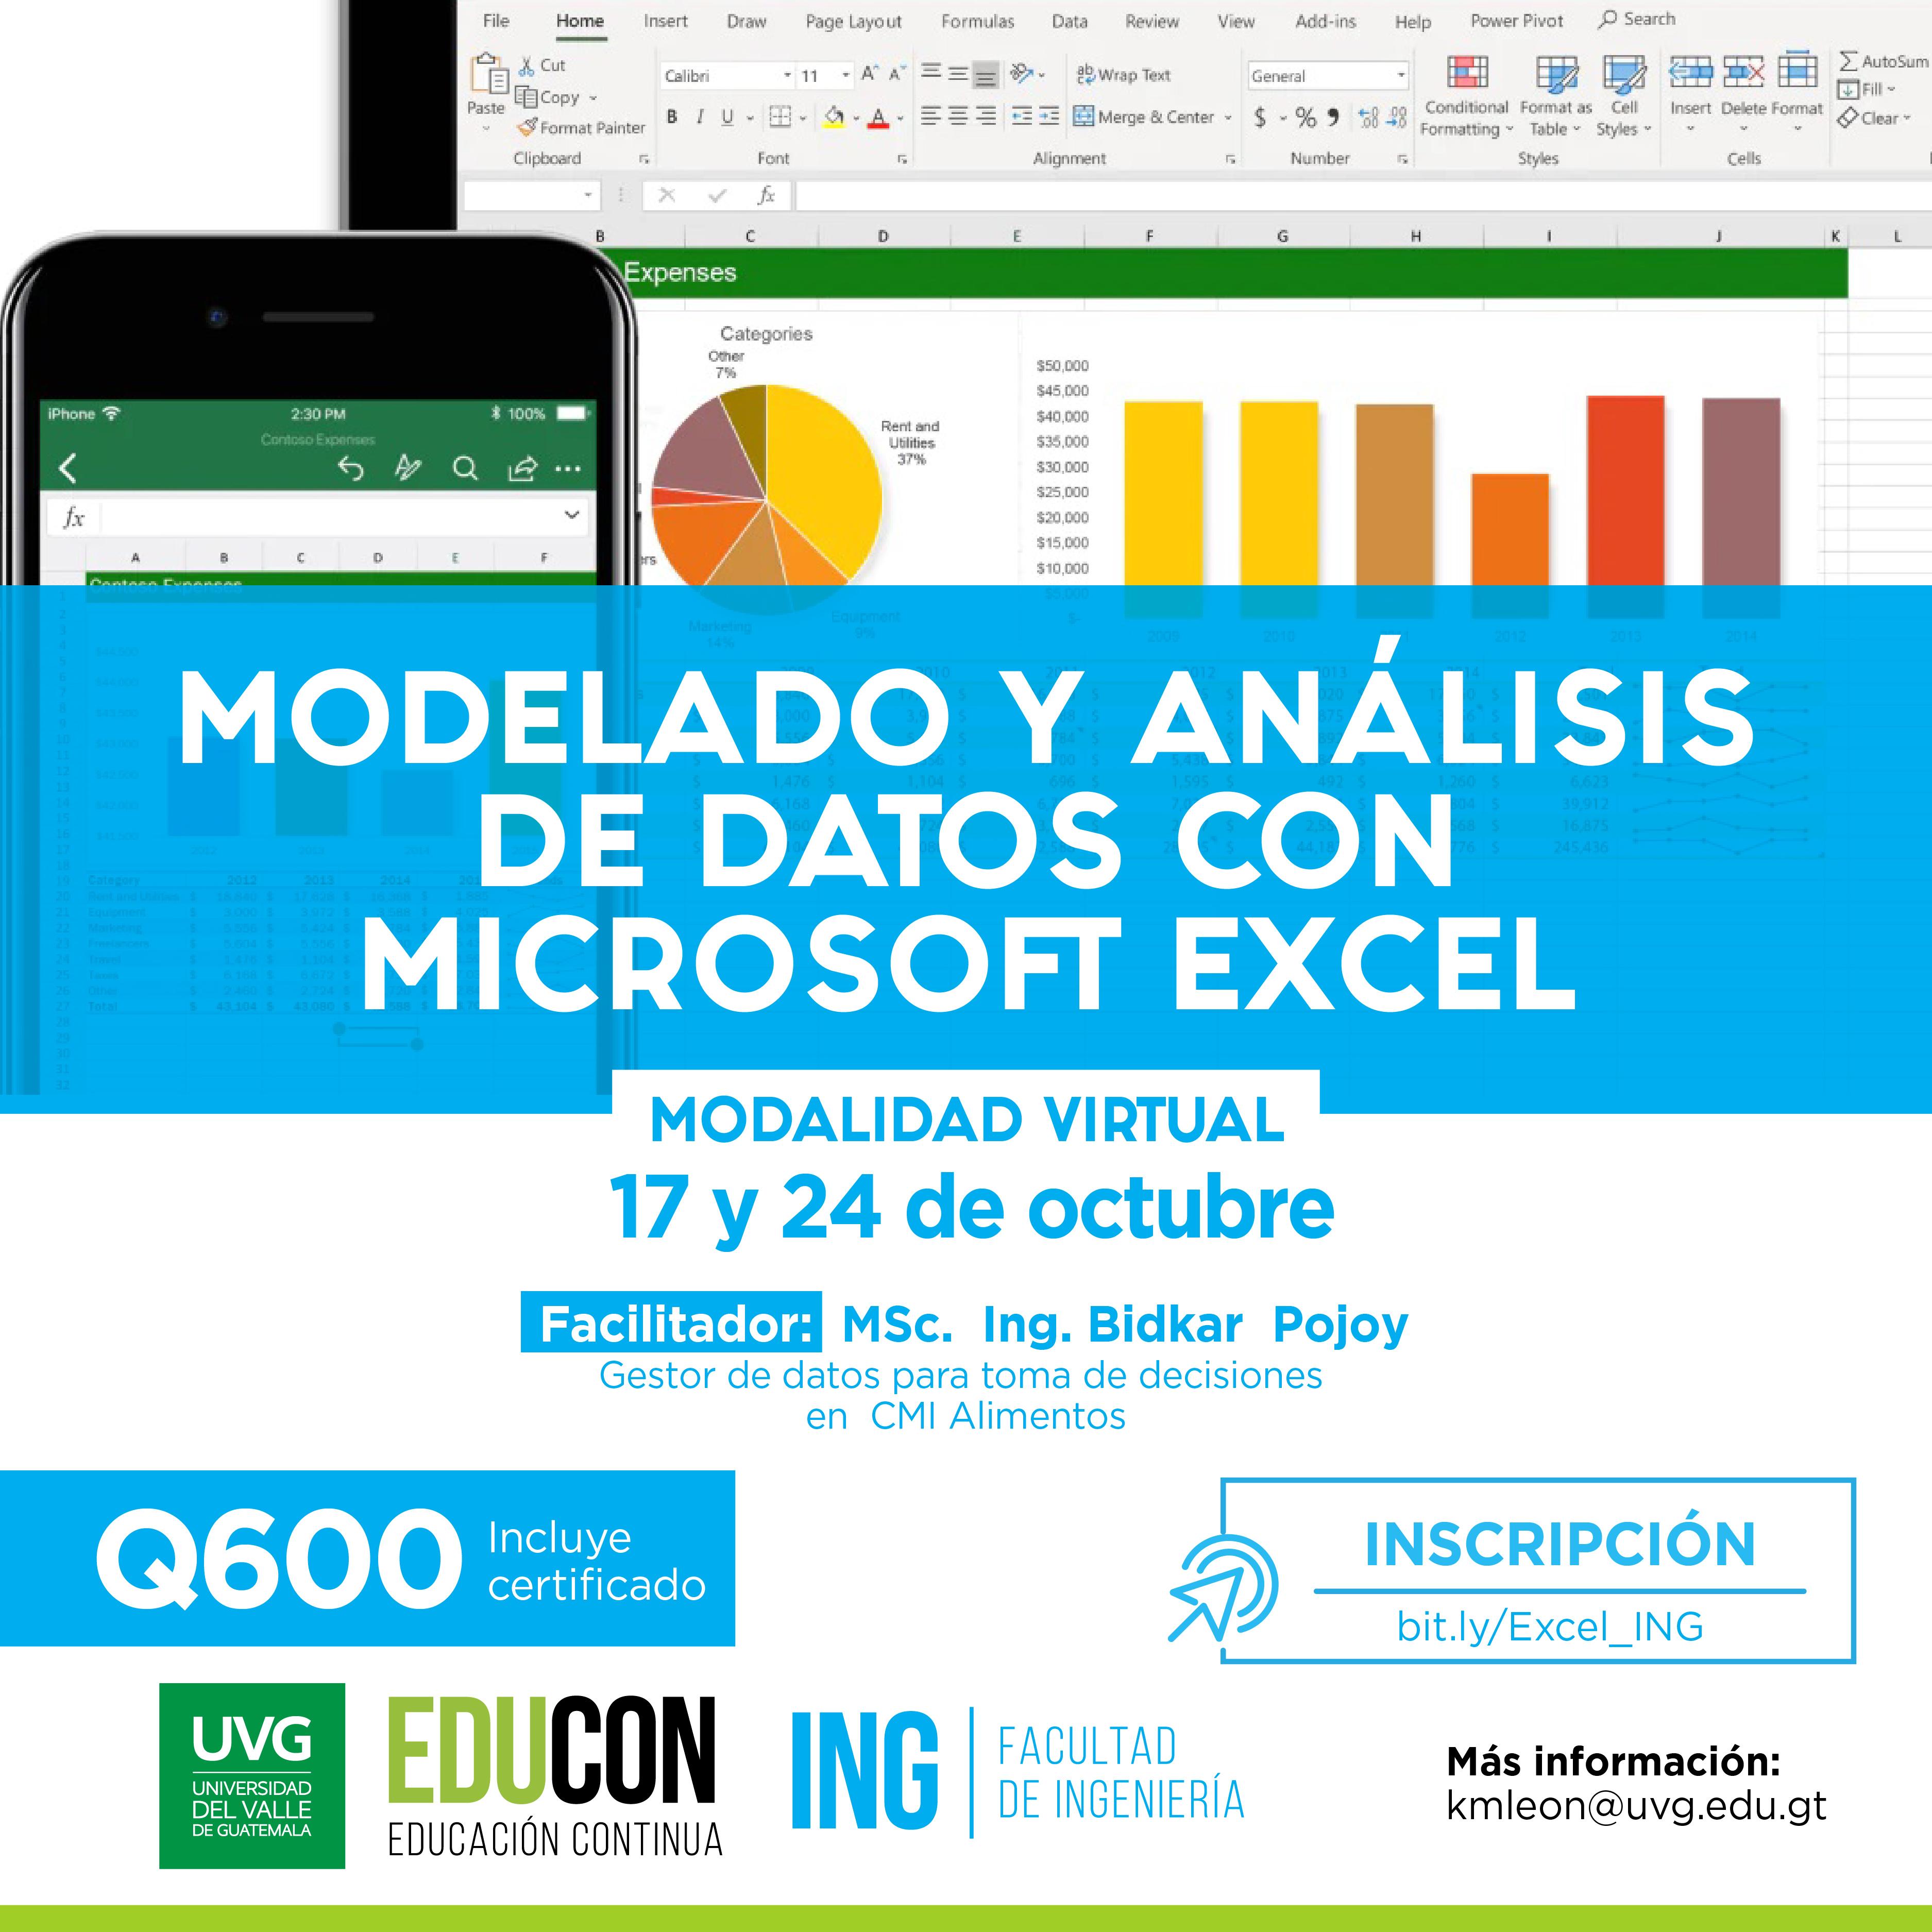 MODELADO Y ANÁLISIS DE DATOS CON MICROSOFT EXCEL